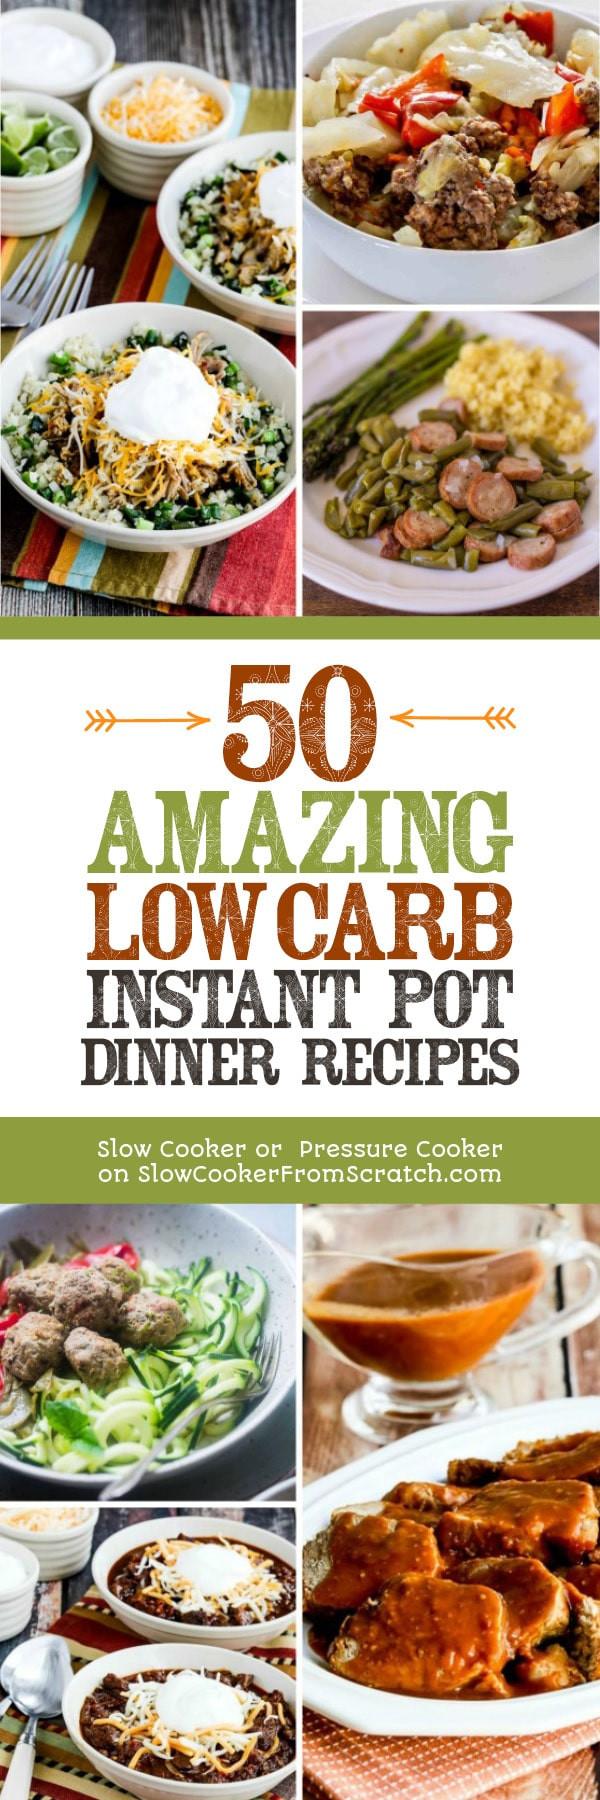 Best Low Carb Instant Pot Recipes  50 AMAZING Low Carb Instant Pot Dinner Recipes Slow